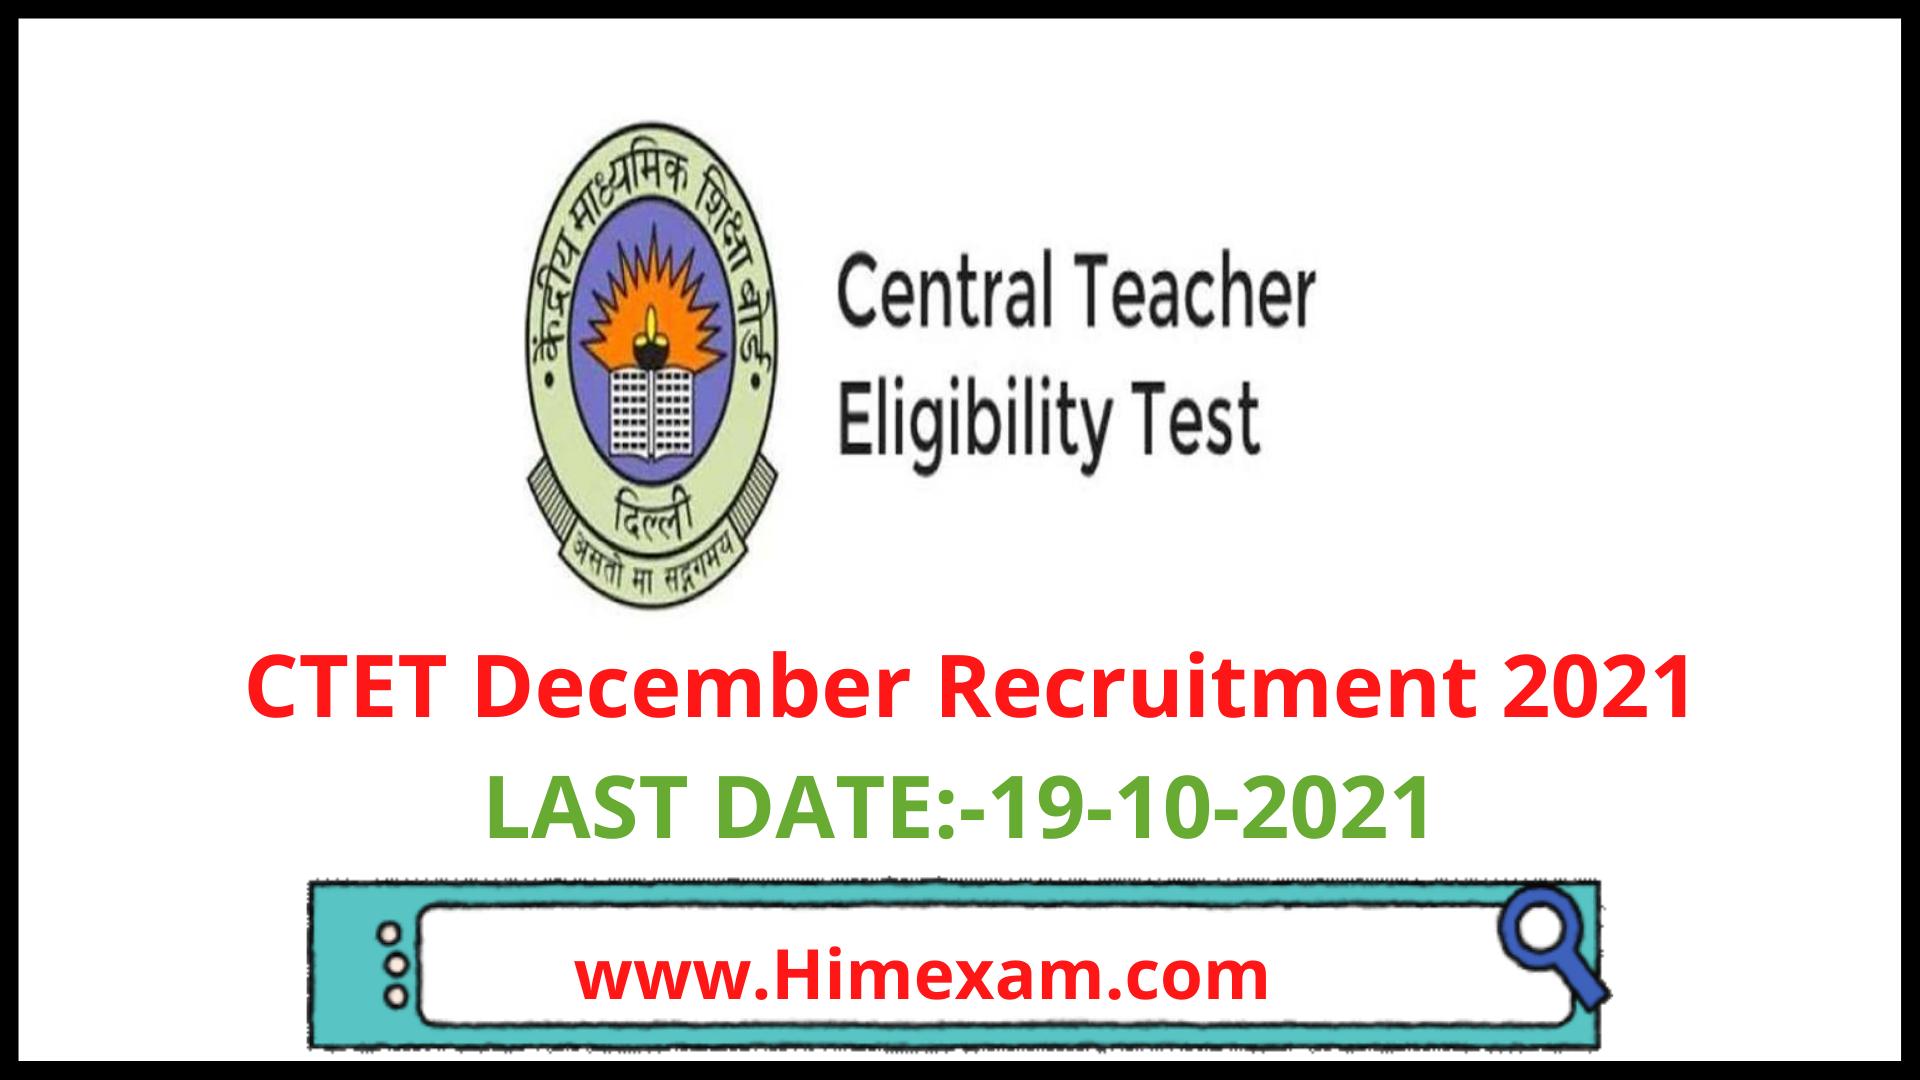 CTET December Recruitment 2021